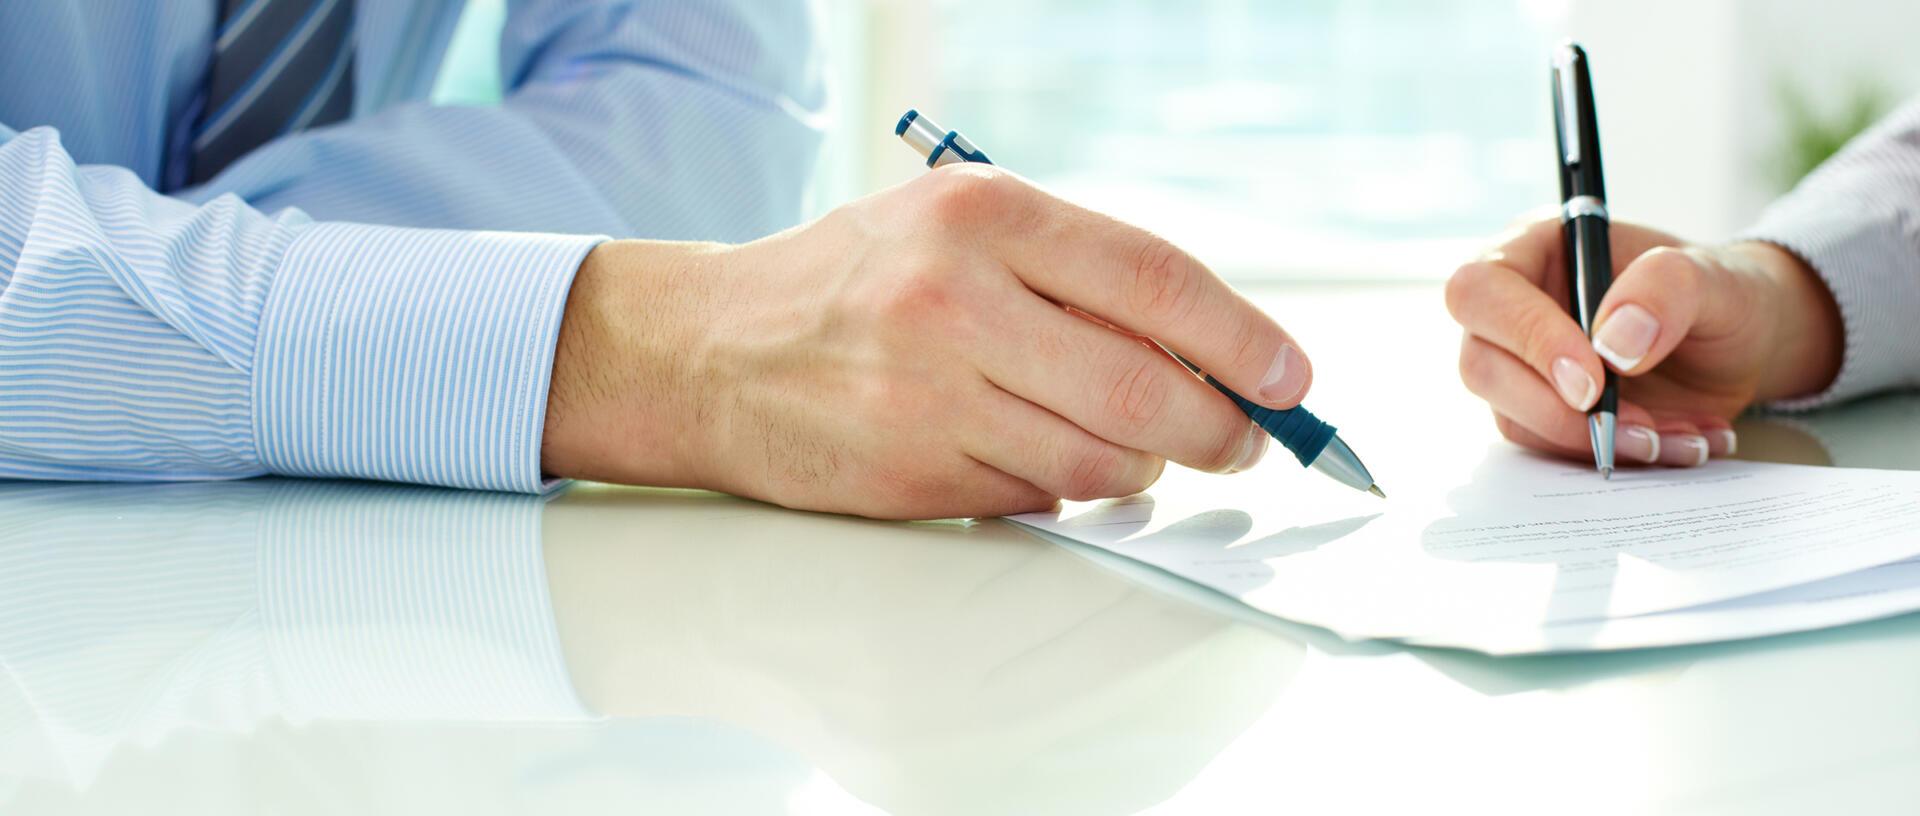 """¿Es necesario que el ámbito de protección que otorga la Ley 29946 """"Ley del Contrato de Seguro"""" se extienda a las empresas que tienen capacidad para negociar los términos del contrato de seguro?"""